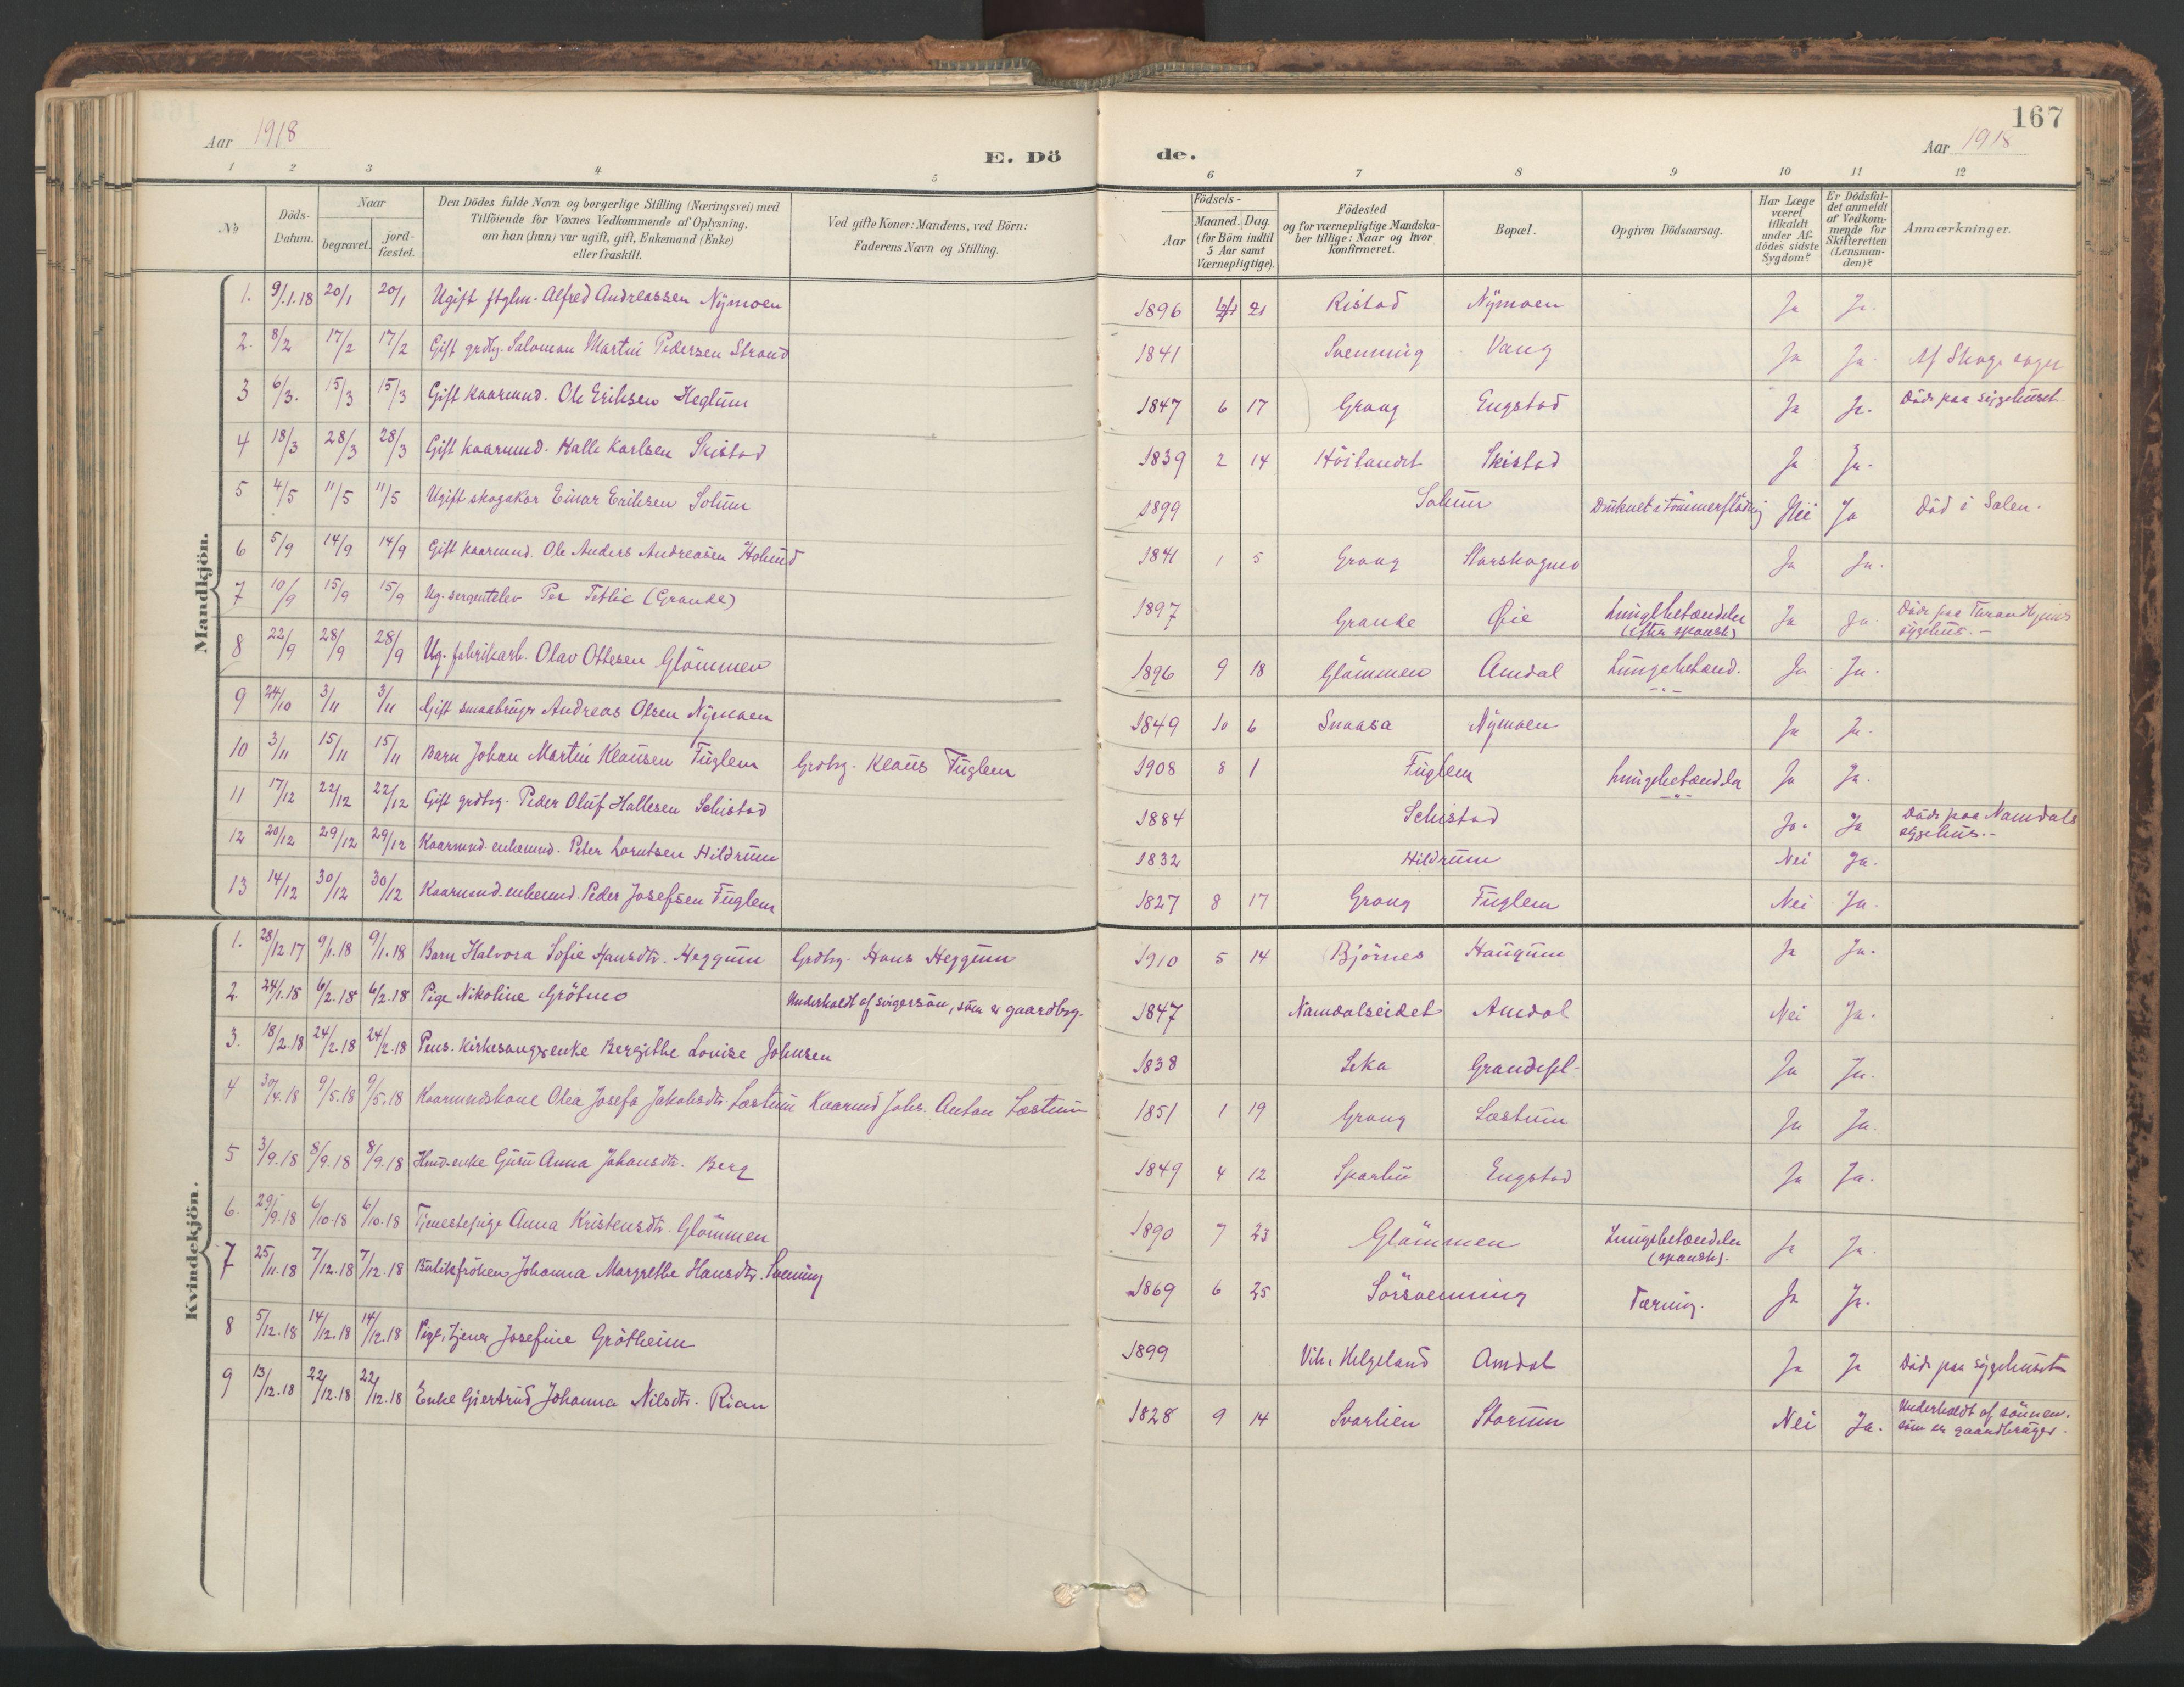 SAT, Ministerialprotokoller, klokkerbøker og fødselsregistre - Nord-Trøndelag, 764/L0556: Ministerialbok nr. 764A11, 1897-1924, s. 167